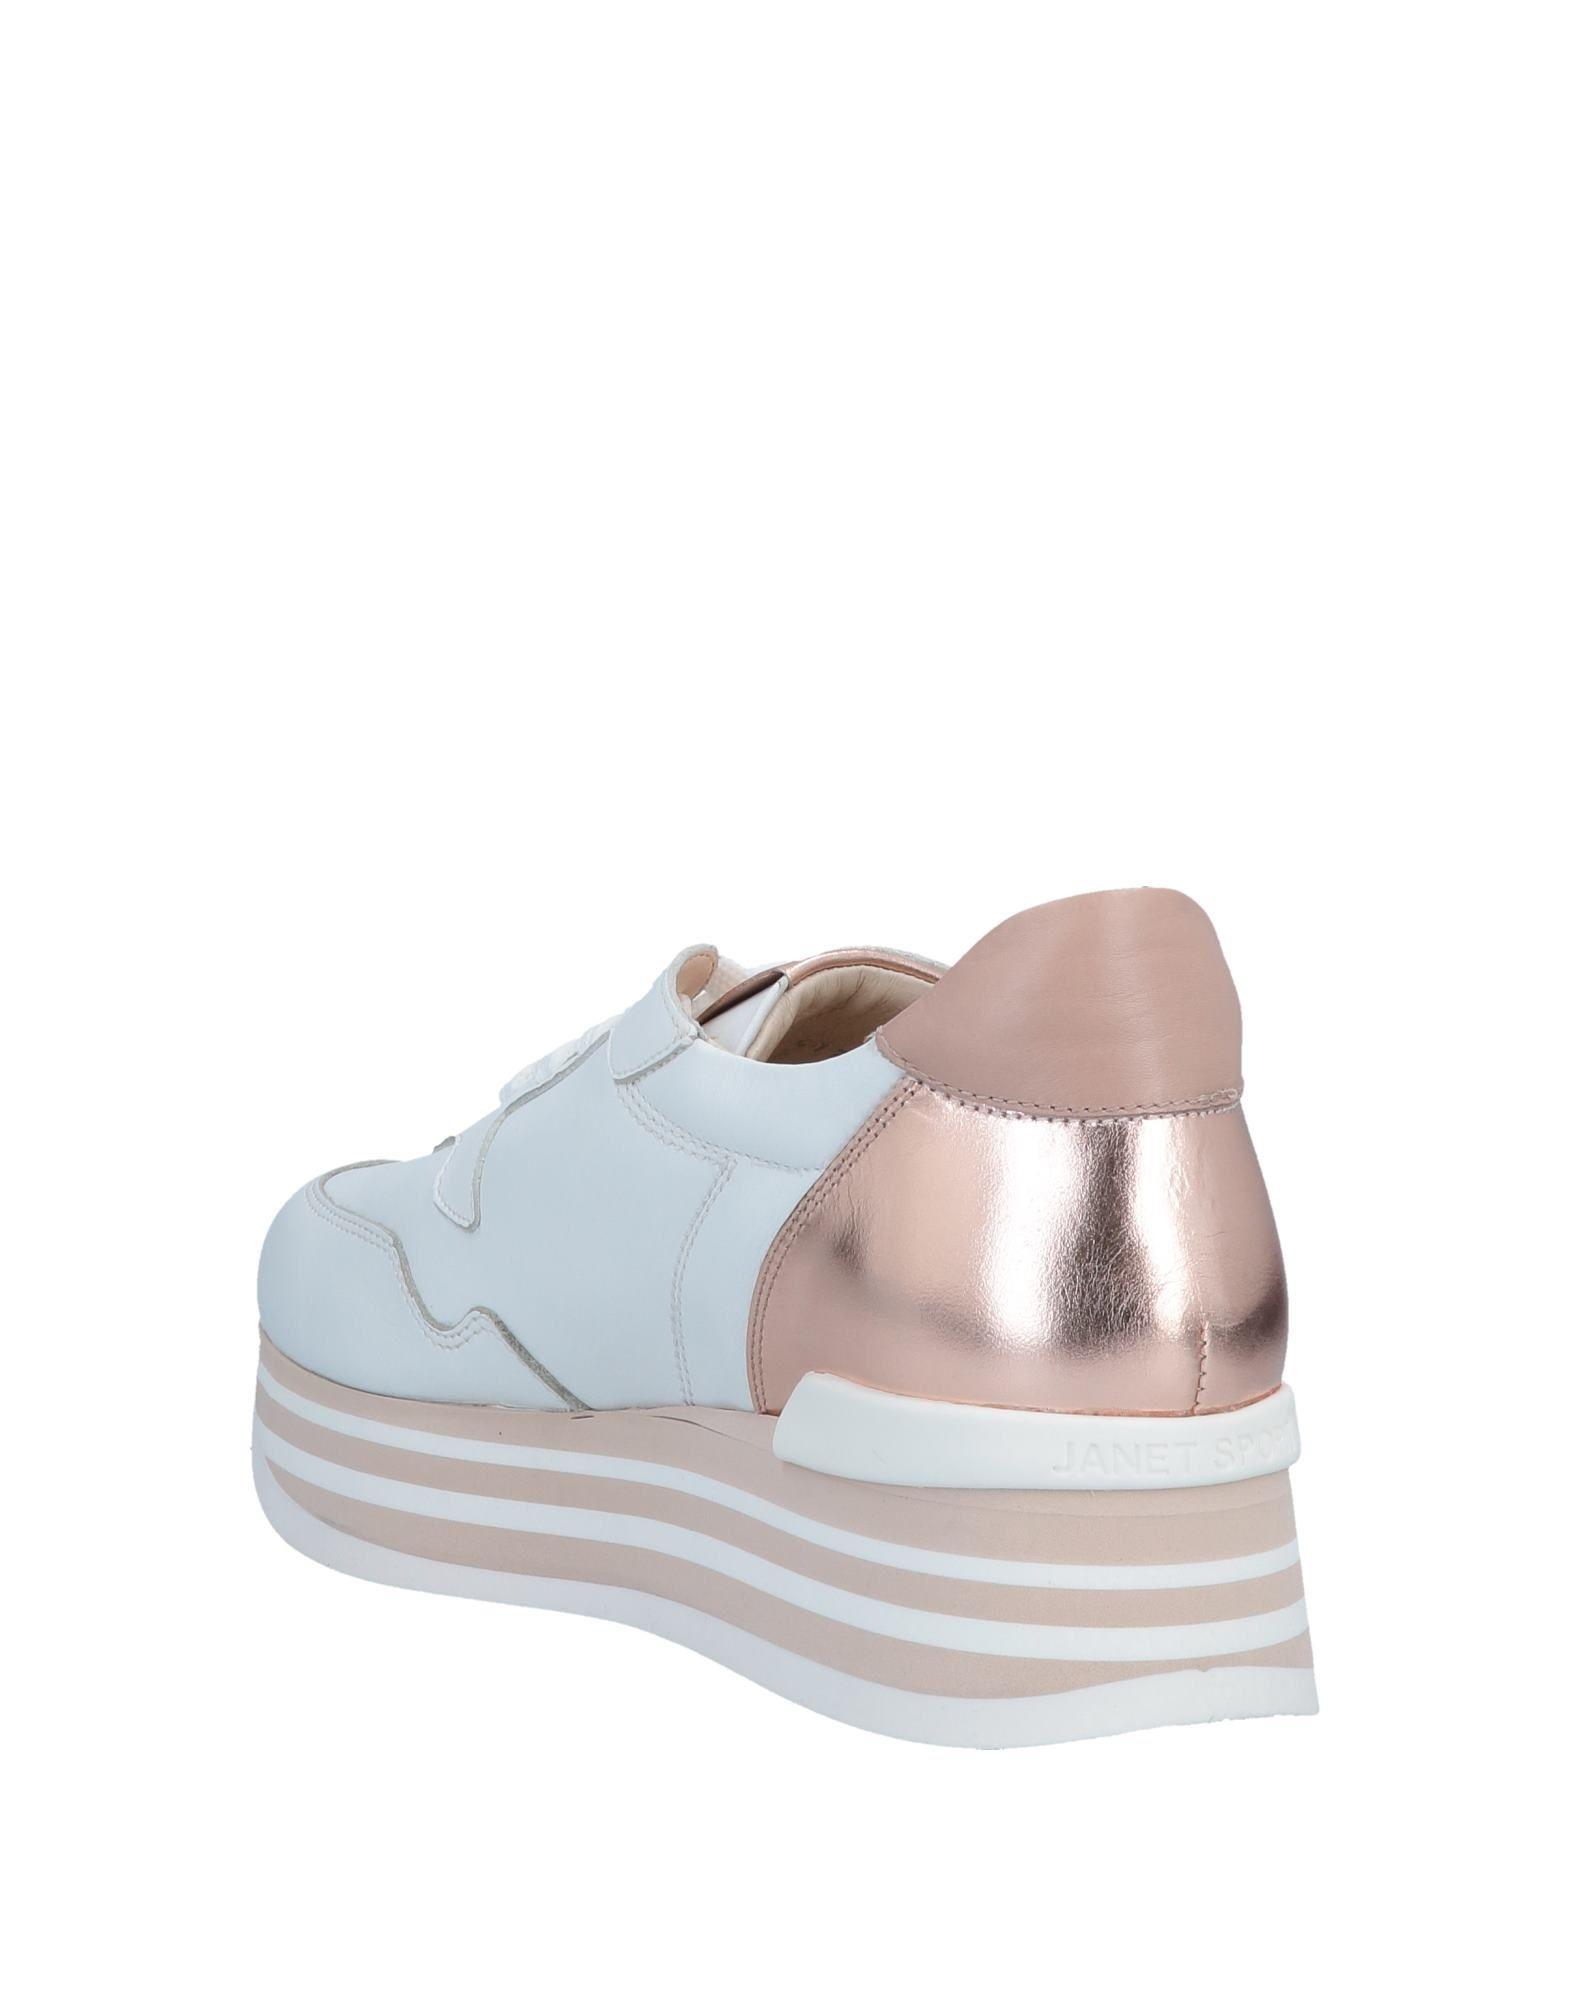 Sneakers & Tennis basses Janet & Janet en coloris Blanc sTY8